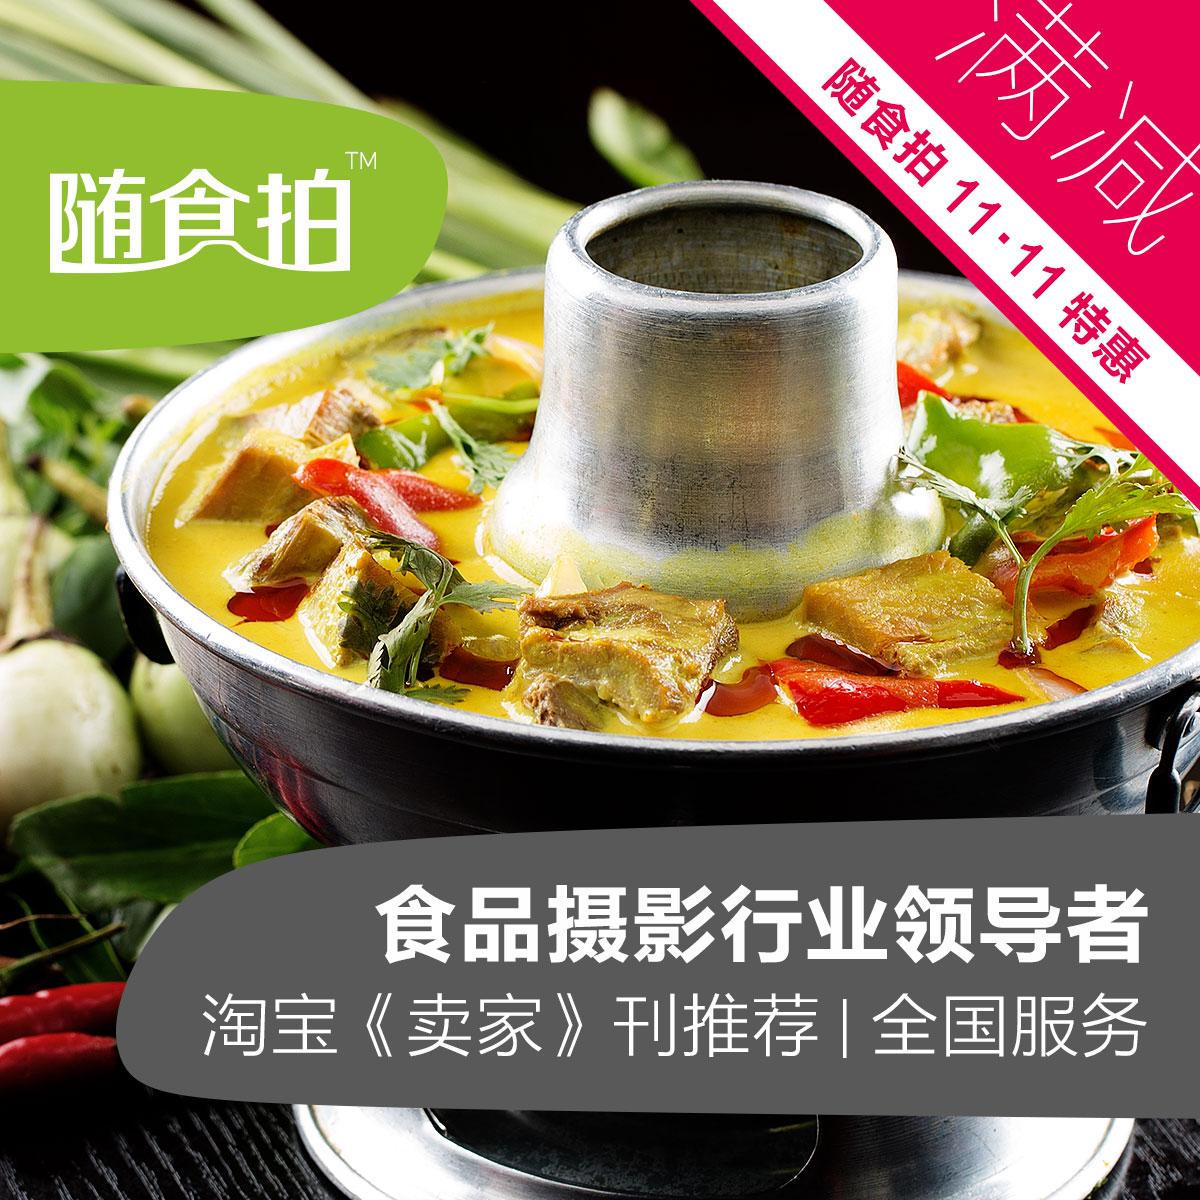 正品腌菜随食拍菜谱v正品影萝卜菜品菜牌美食菜单胡萝卜怎么打折好吃图片